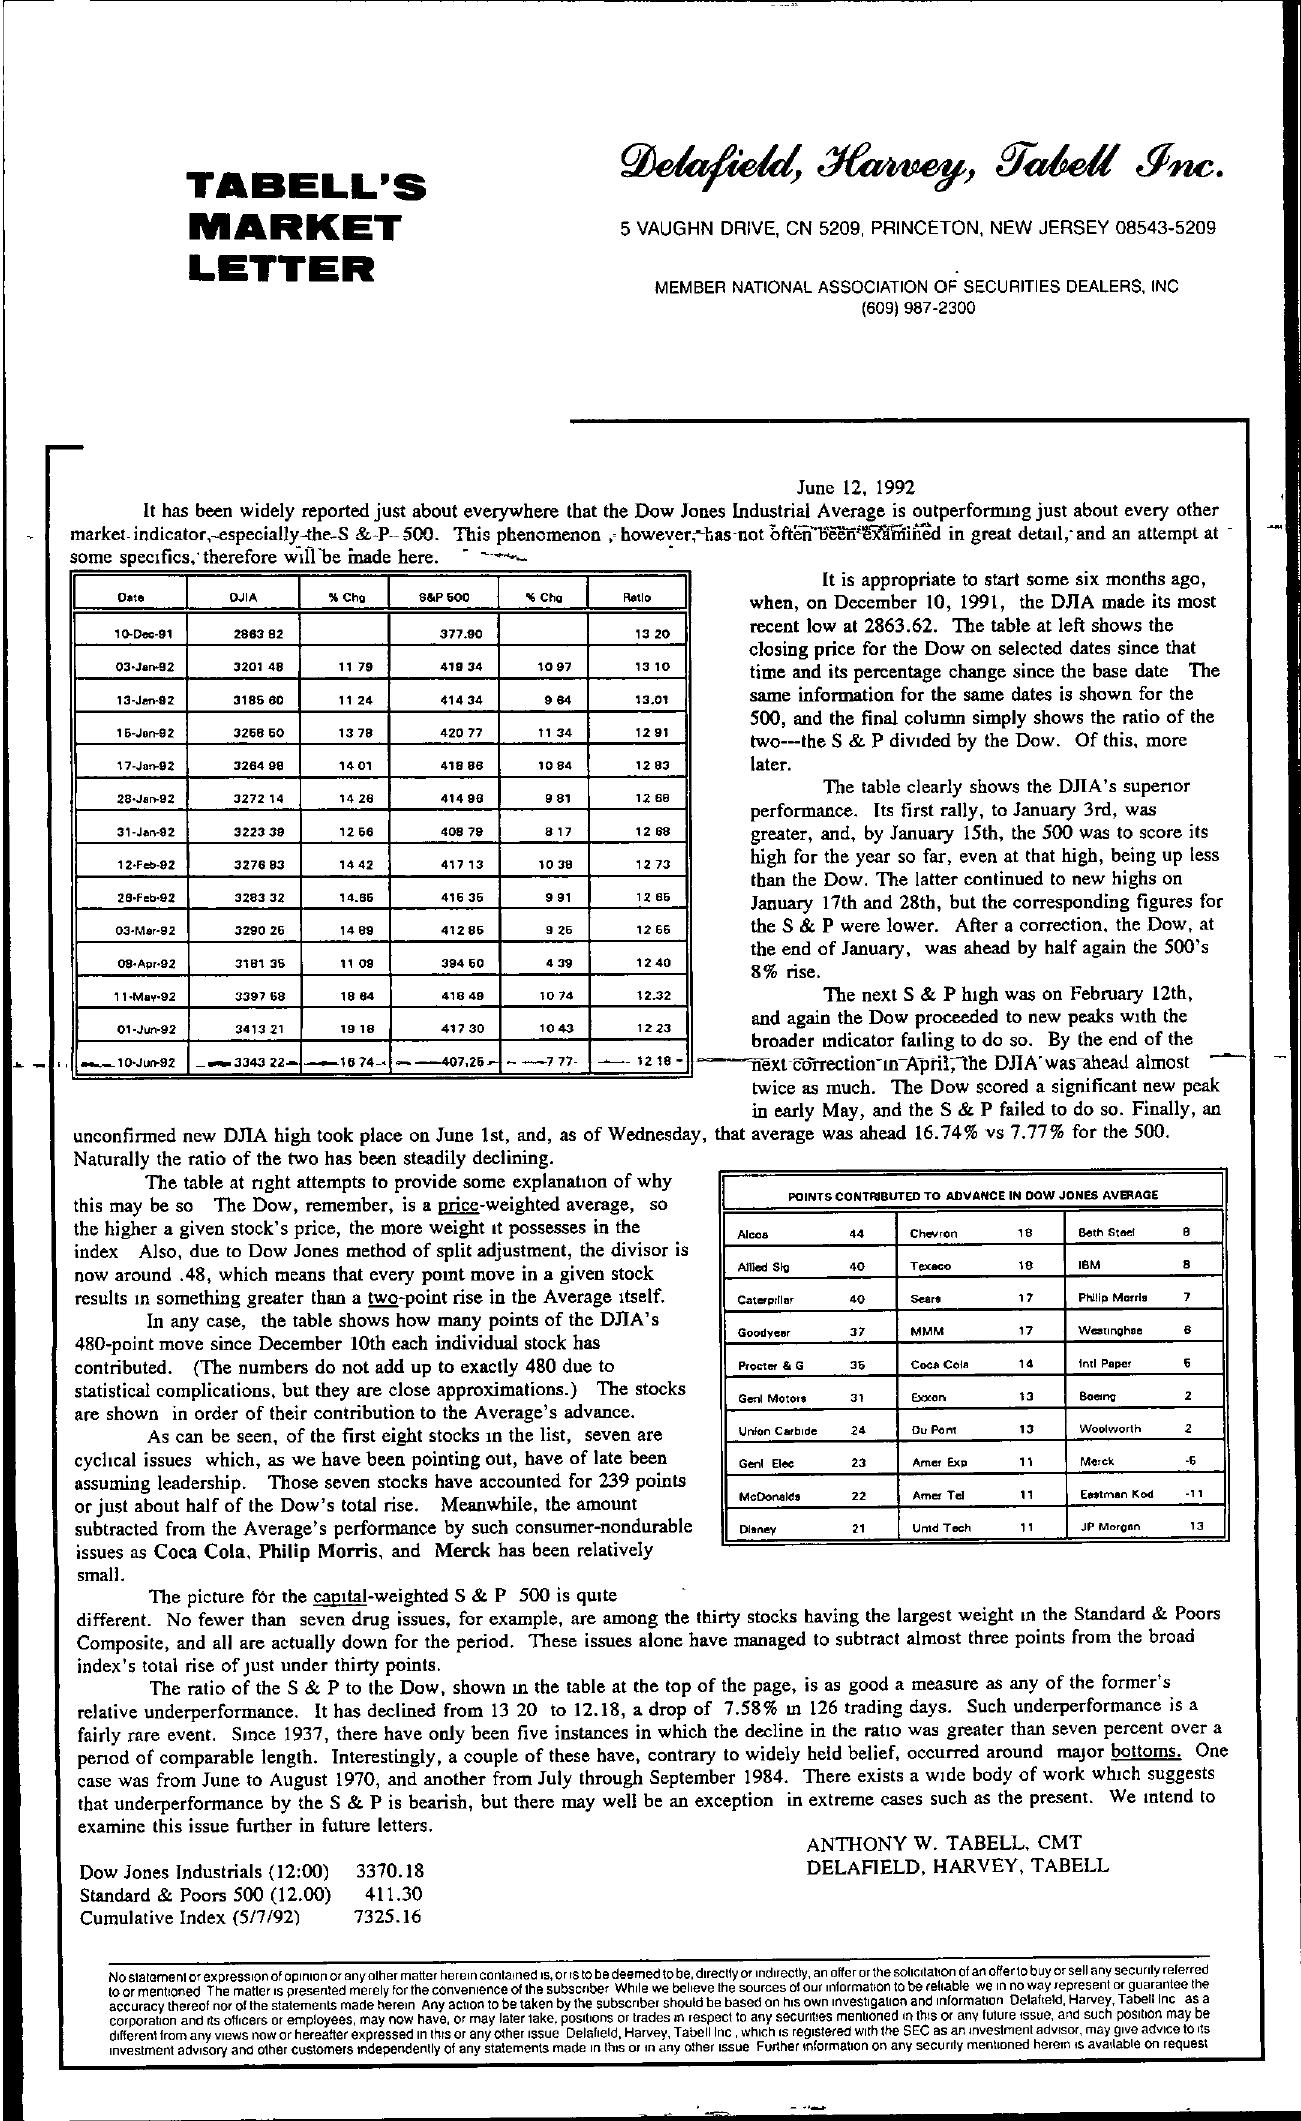 Tabell's Market Letter - June 12, 1992